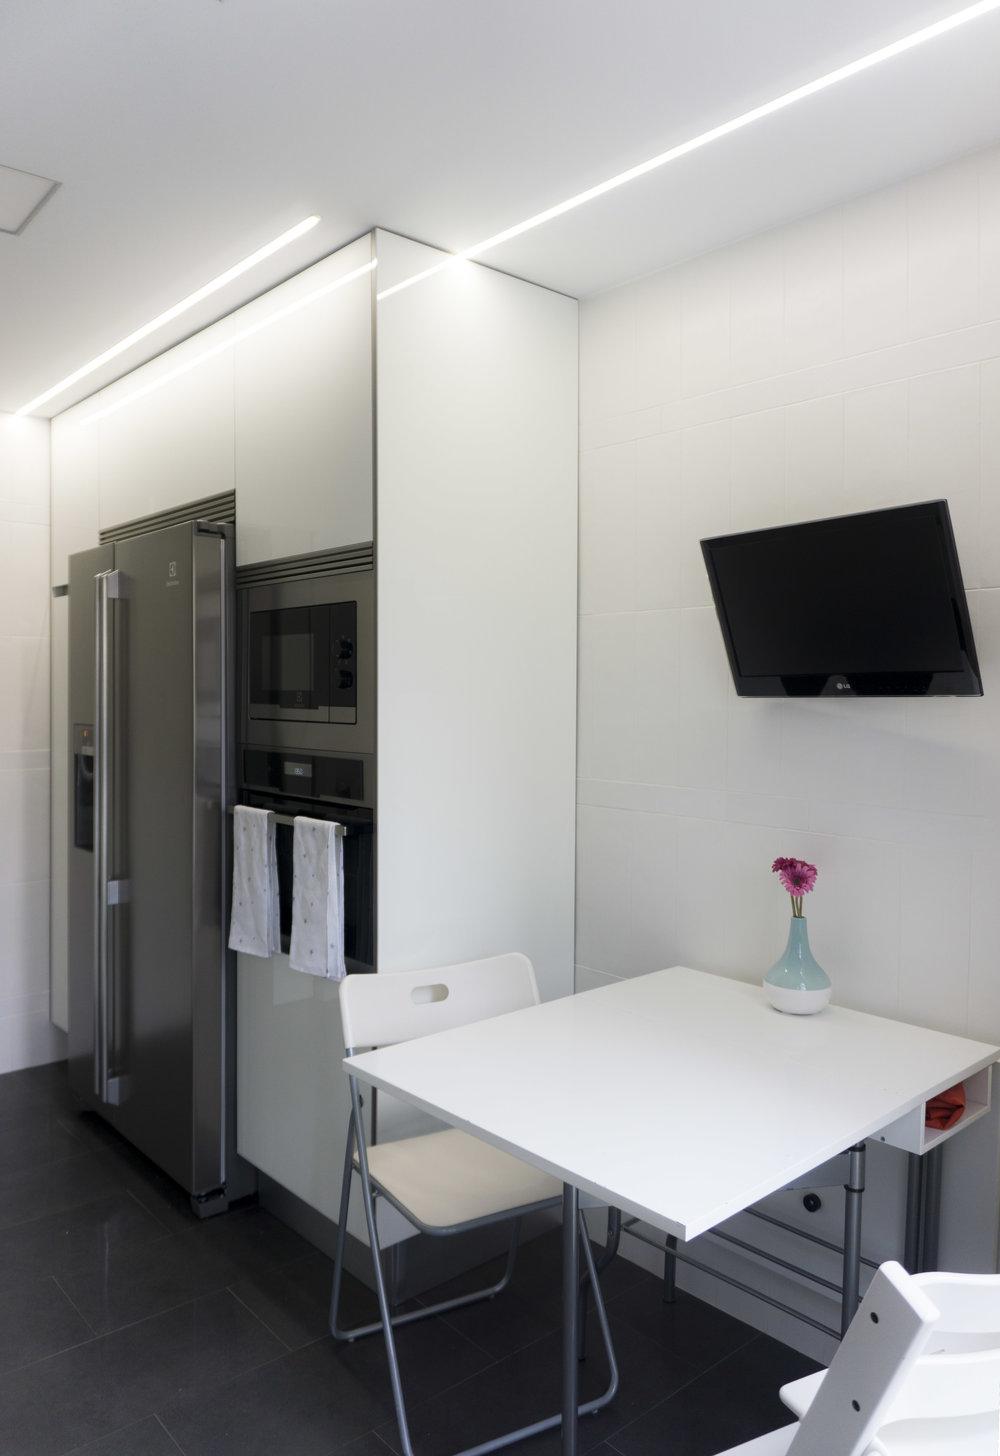 diseño reformas slow emmme studio cocina Teresa y Jose Luis - 05 - SM.jpg